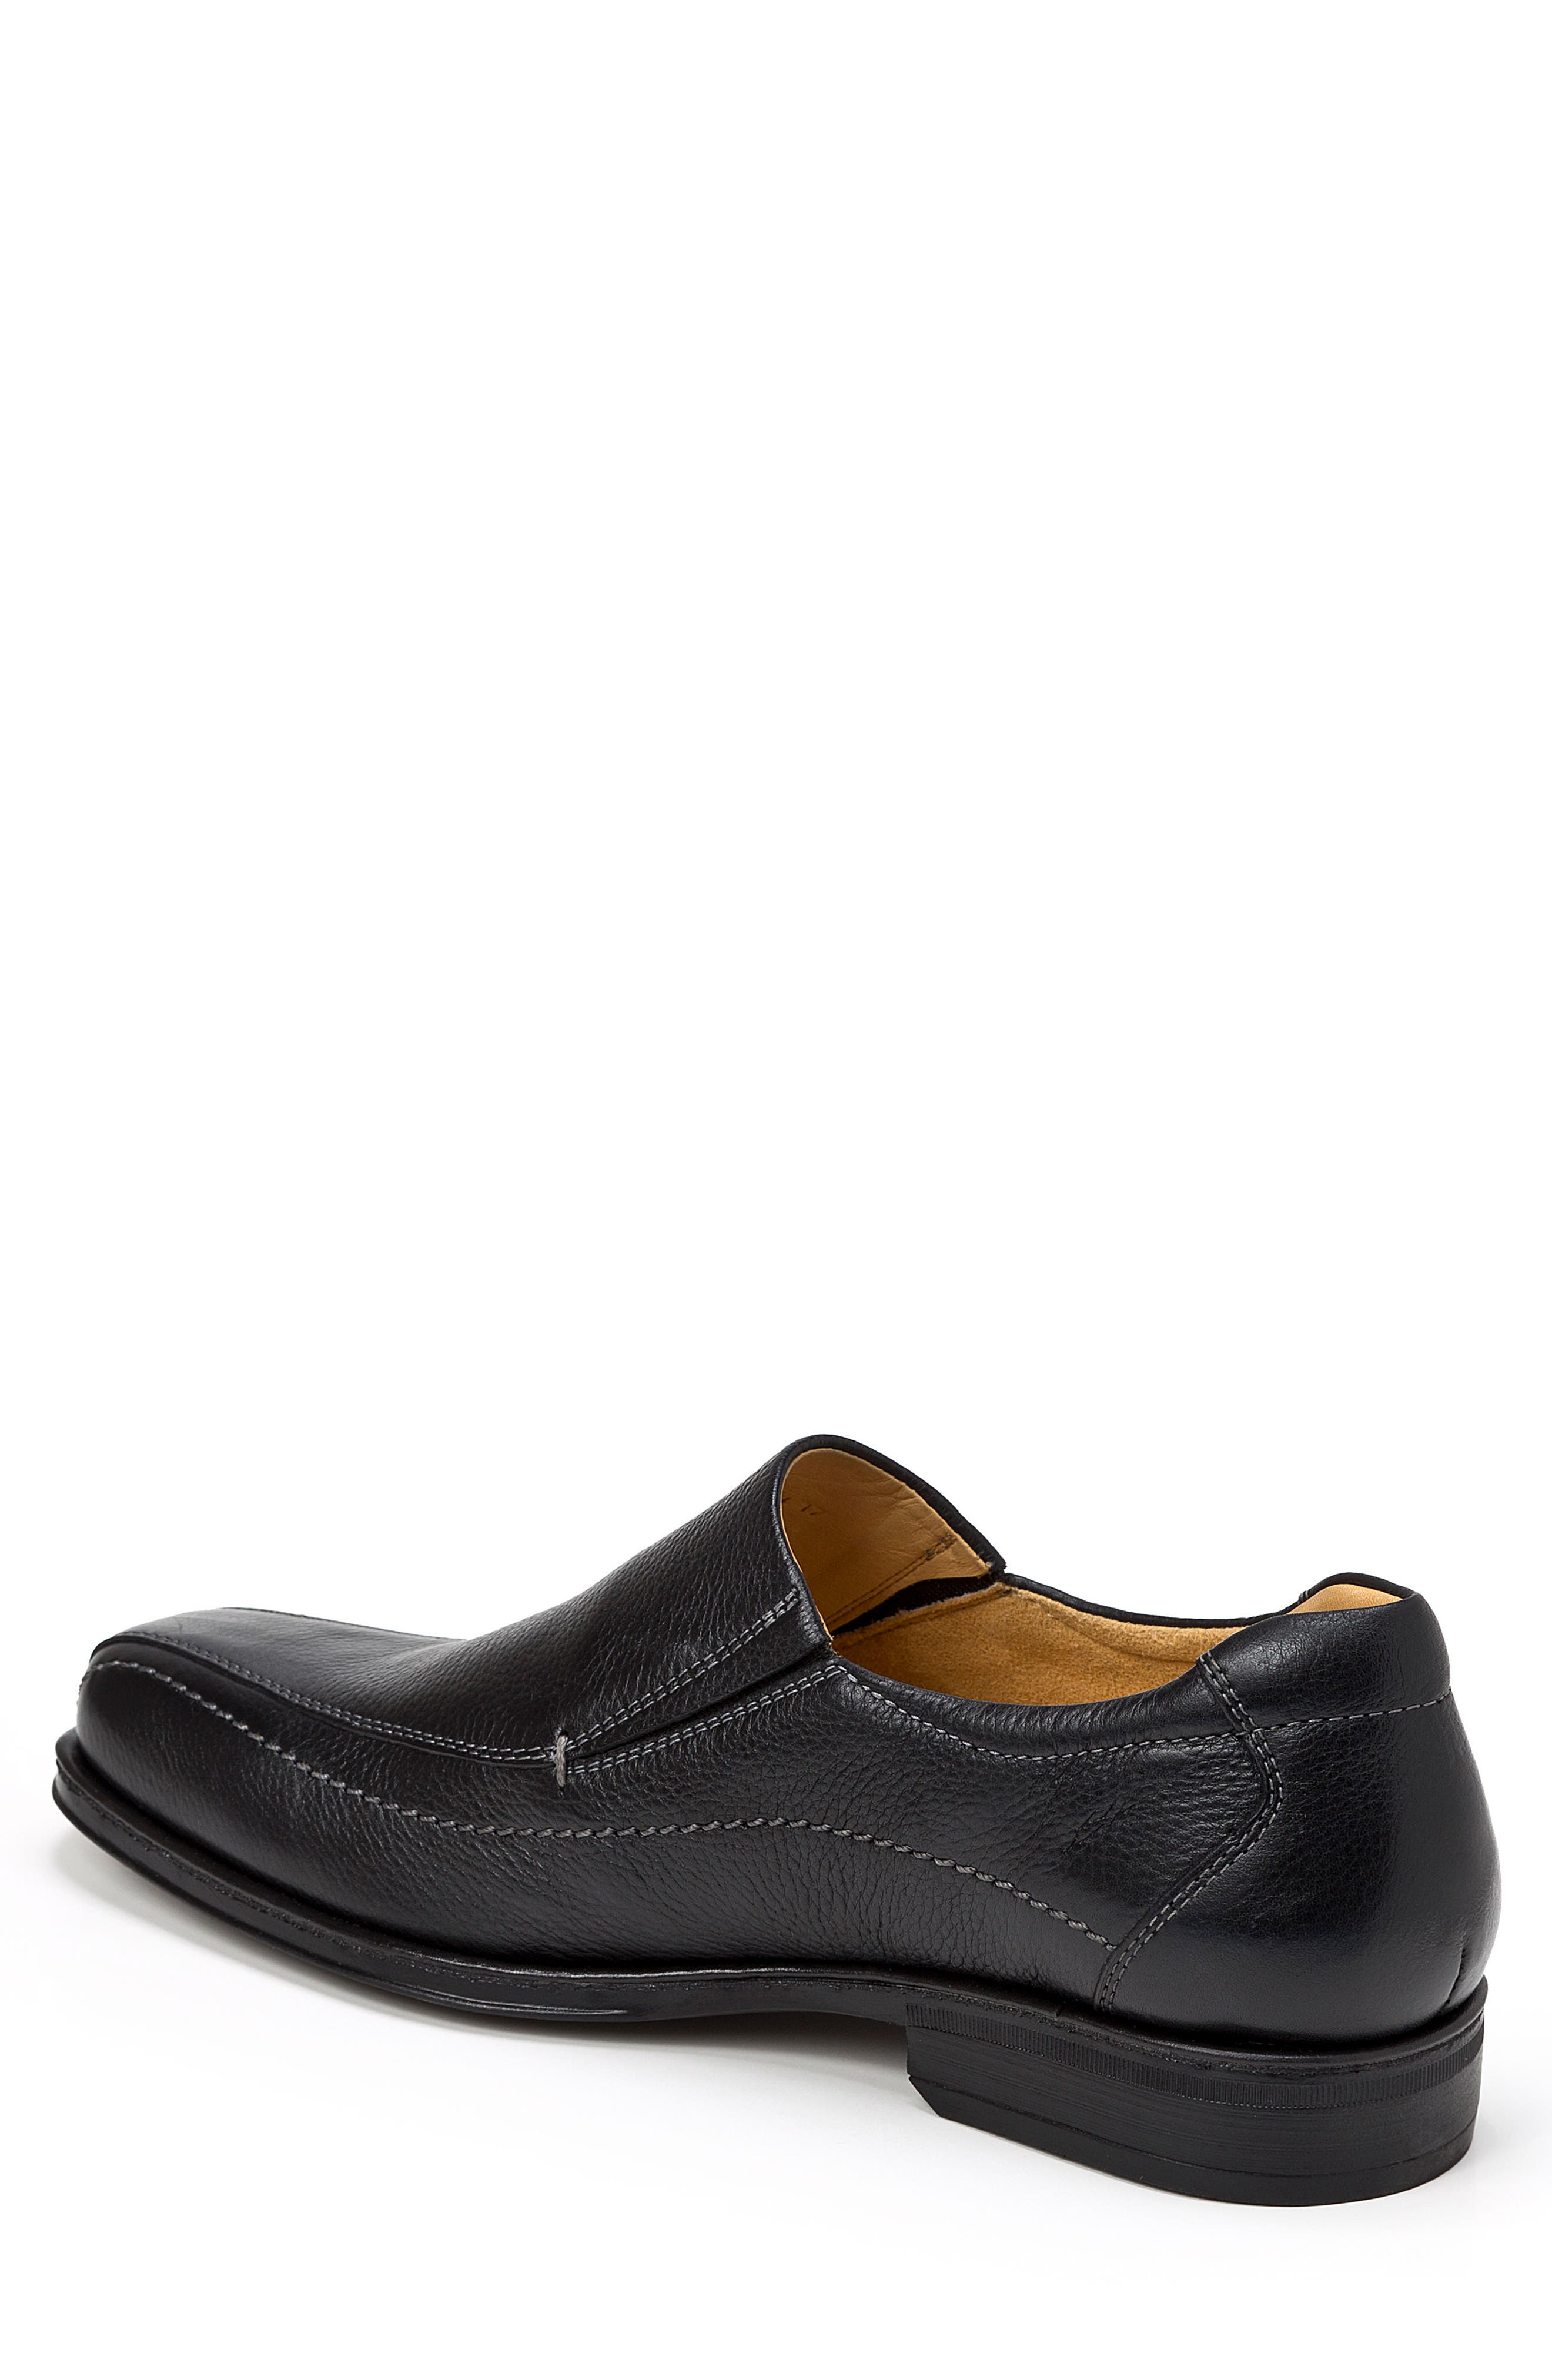 Elgin Venetian Loafer,                             Alternate thumbnail 2, color,                             Black